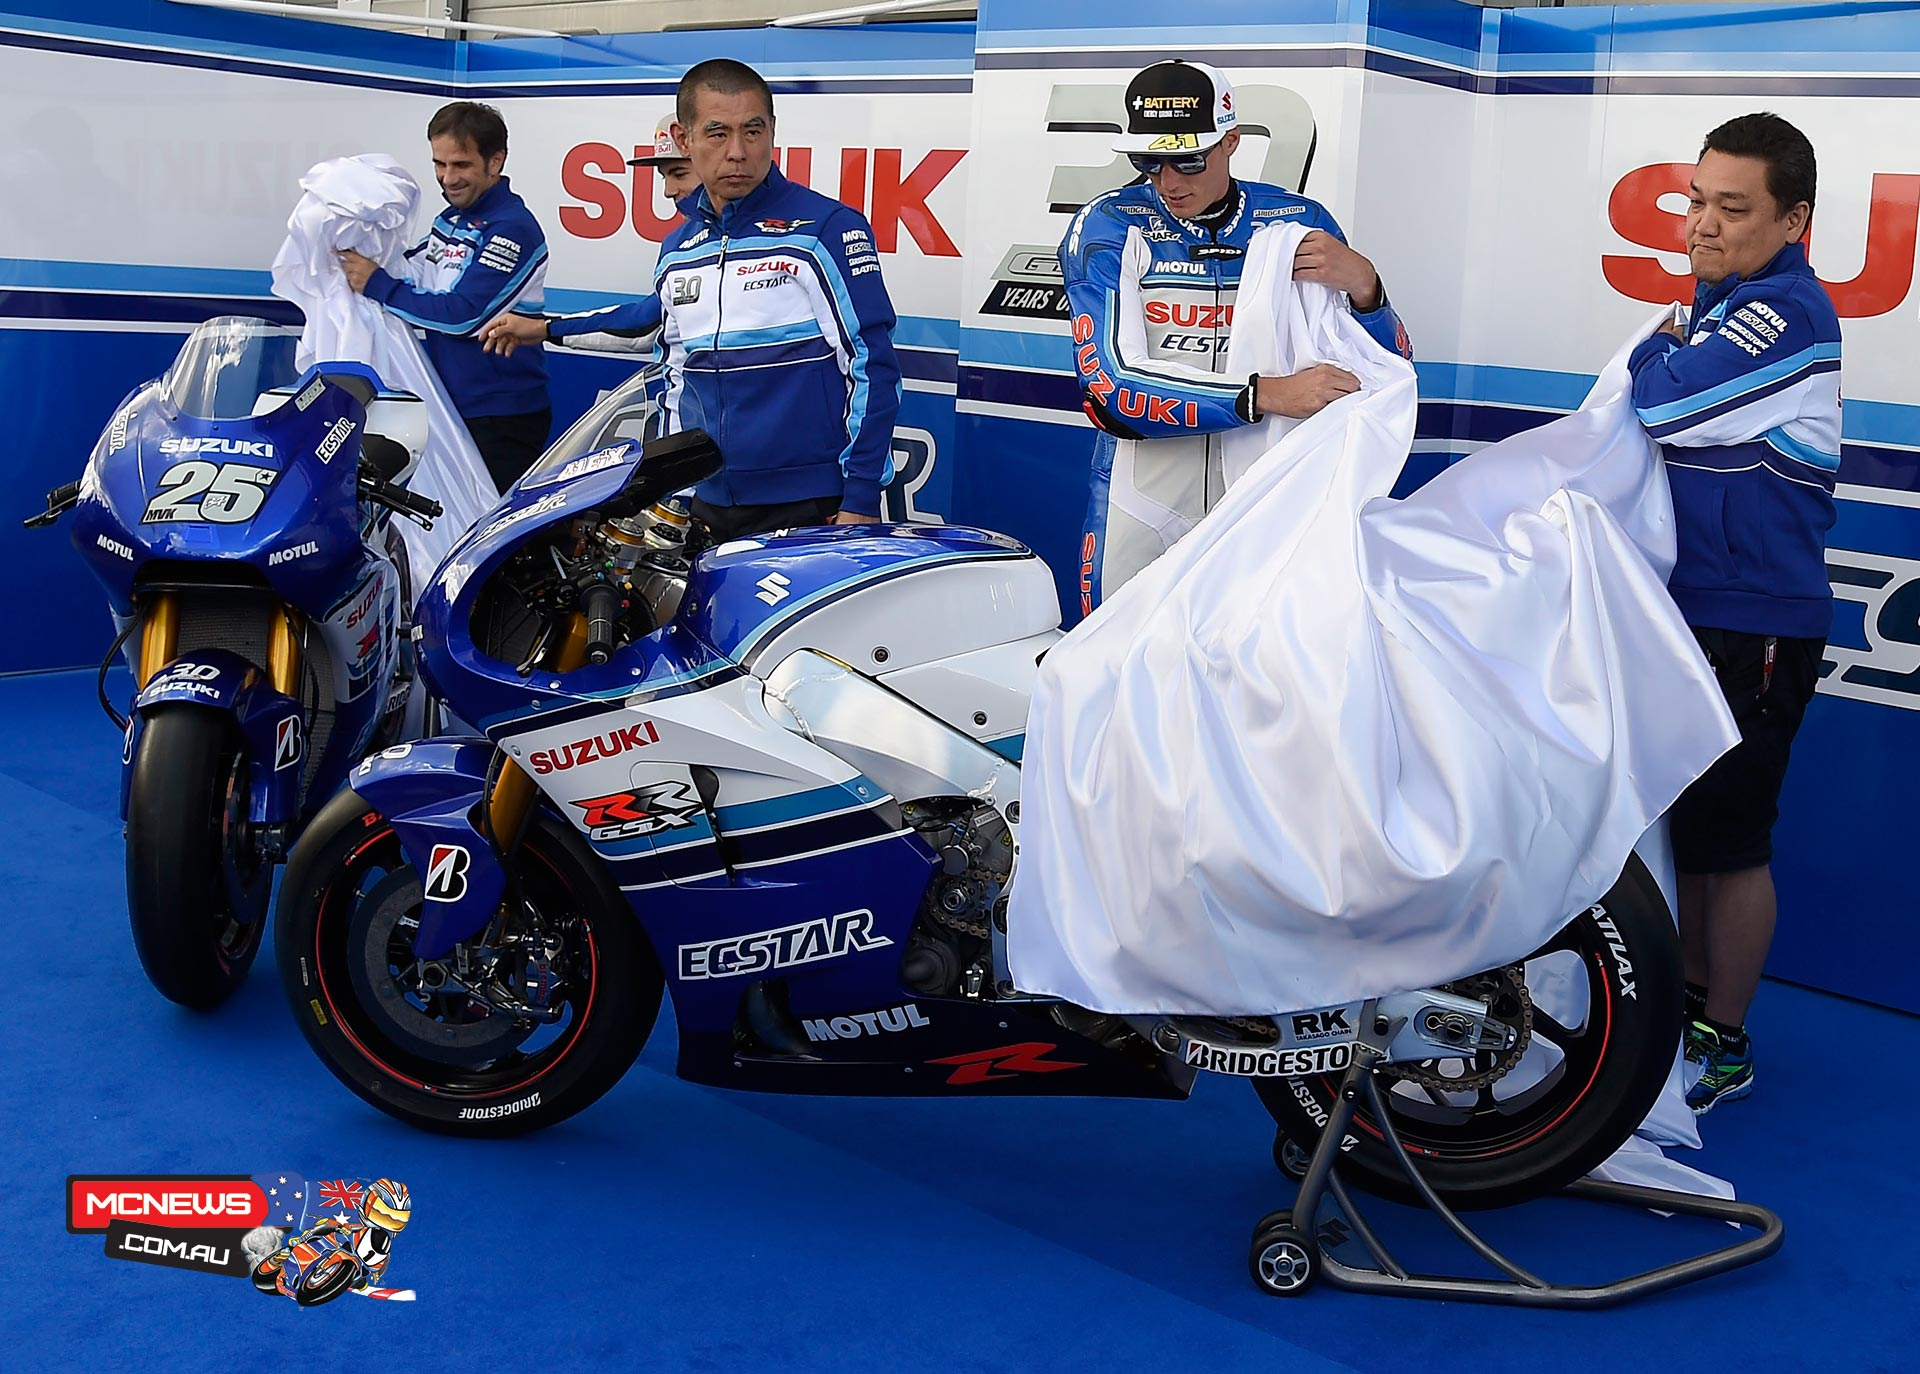 Team Suzuki MotoGP celebrate the 30th Anniversary of the Suzuki GSX-R machine at Sachsenring MotoGP 2015